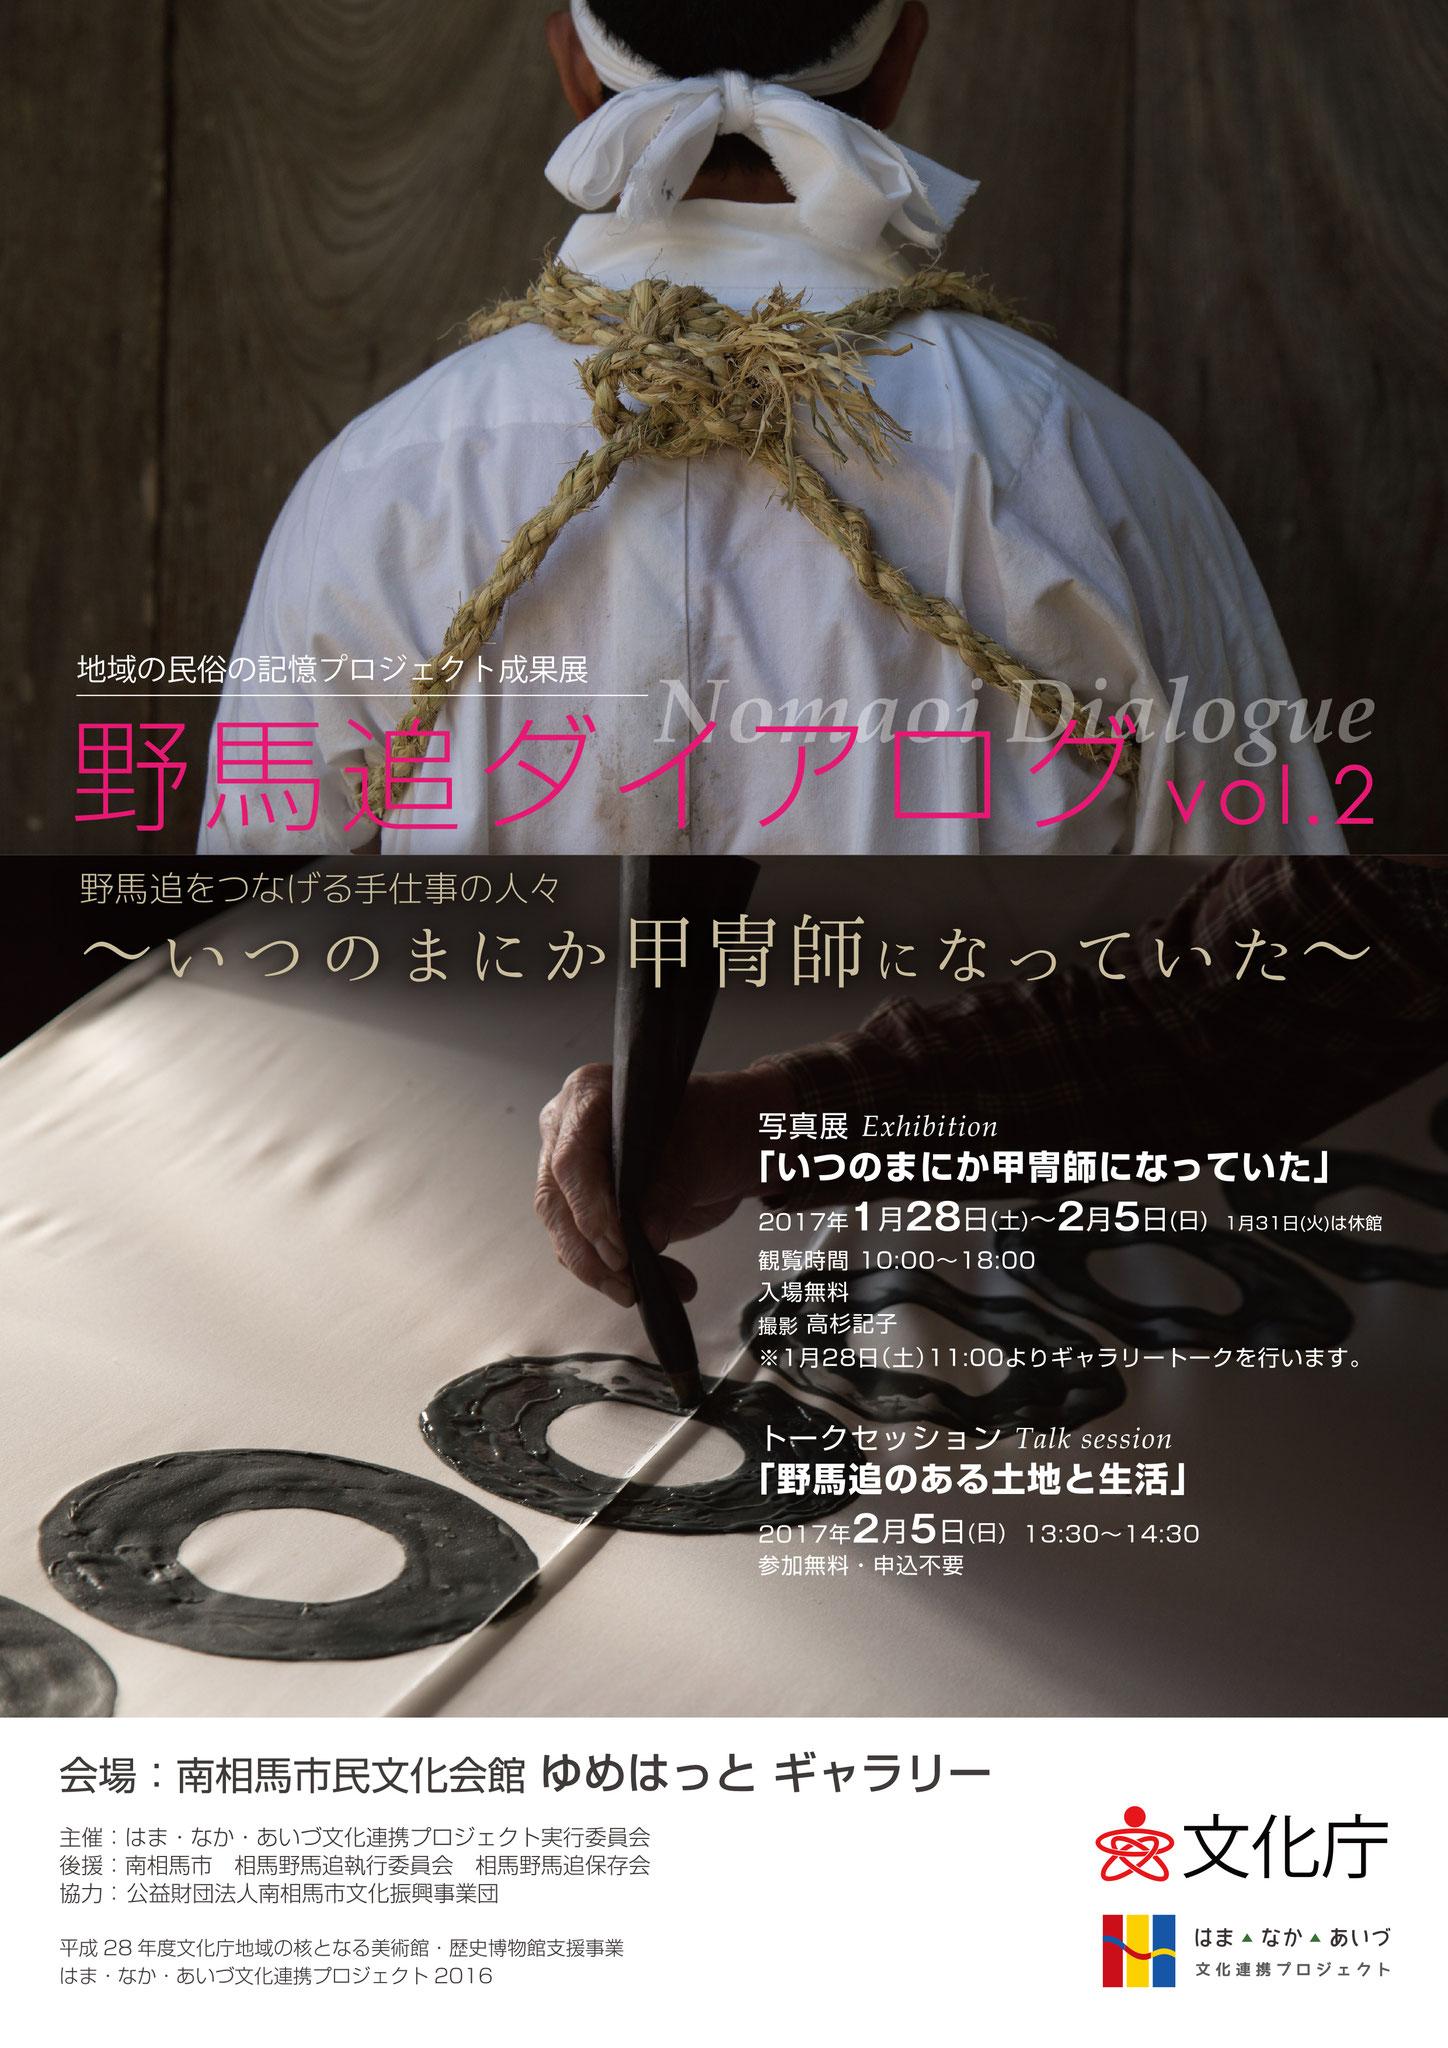 地域の民俗の記憶プロジェクト成果展「野馬追ダイアログvol.2」(はま・なか・あいづ文化連携プロジェクト様/会津若松市) 2016年